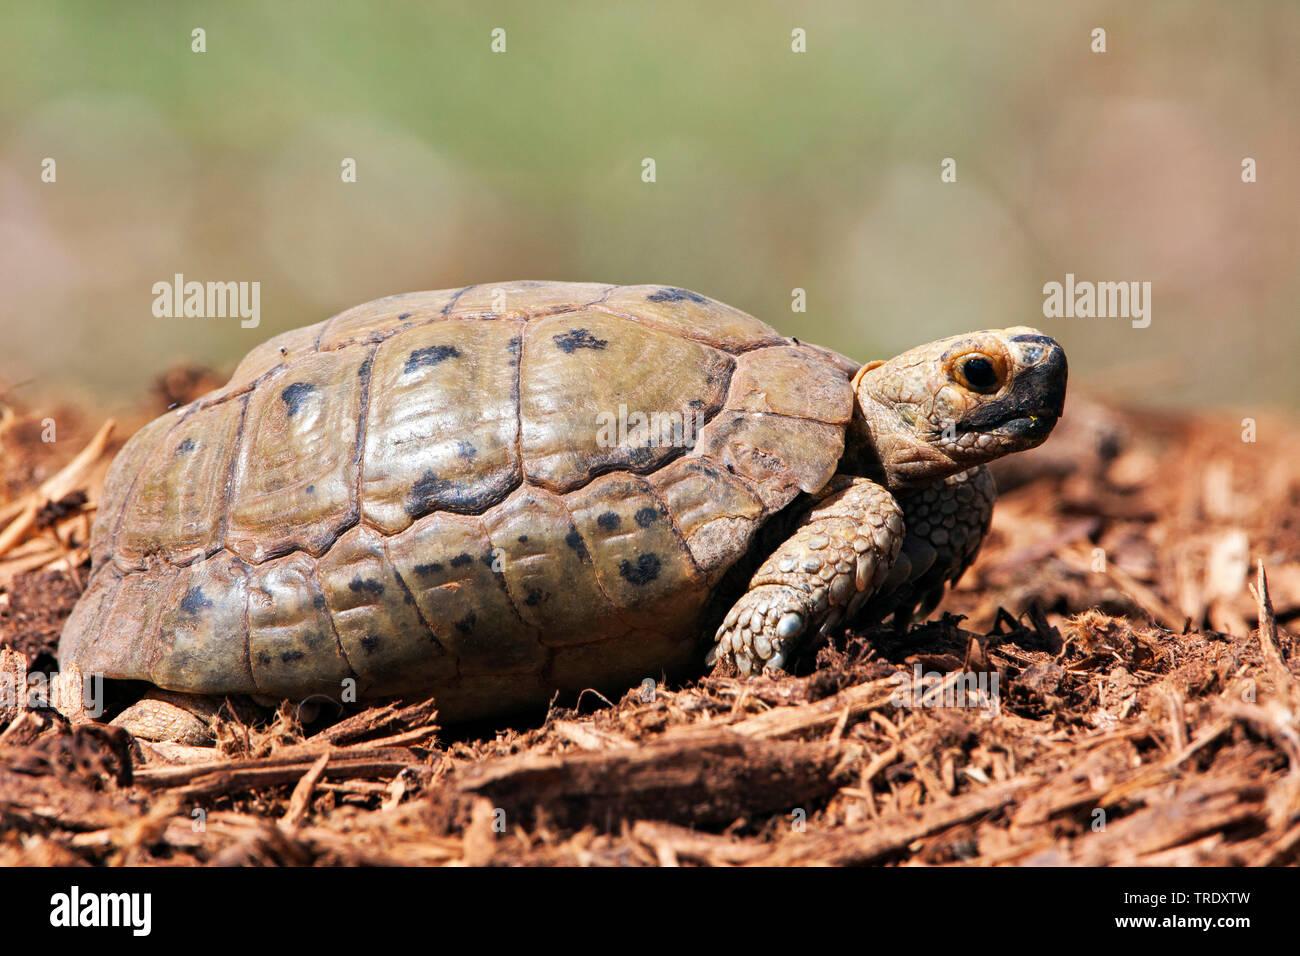 Griechische Landschildkroete, floweri (Testudo hermanni floweri), Seitenansicht, Israel | Hermann's tortoise, Greek tortoise (Testudo hermanni floweri - Stock Image